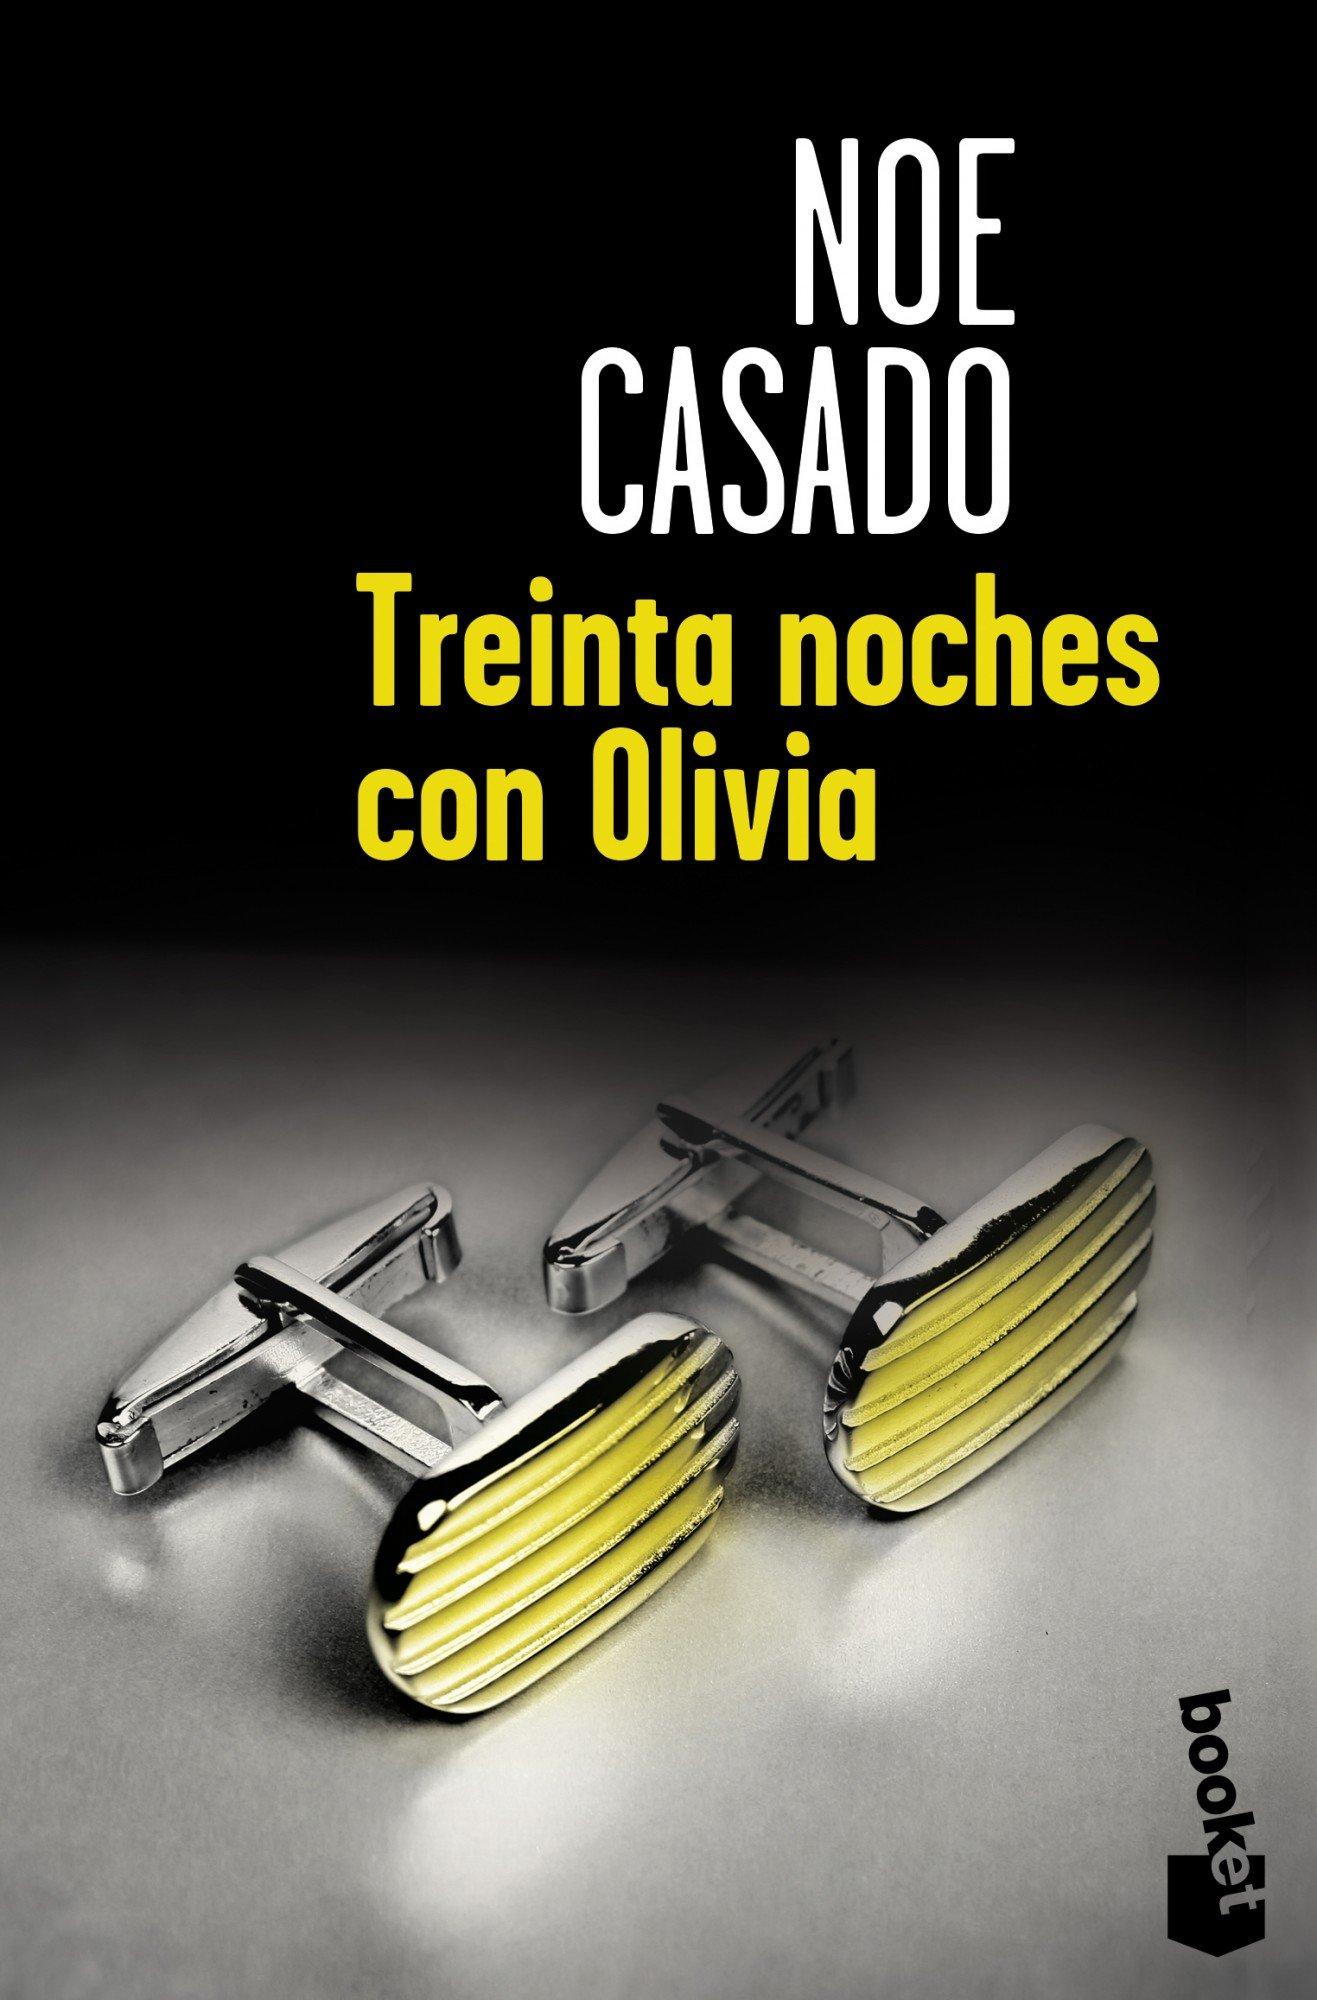 Portada libro - Treinta noches con Olivia